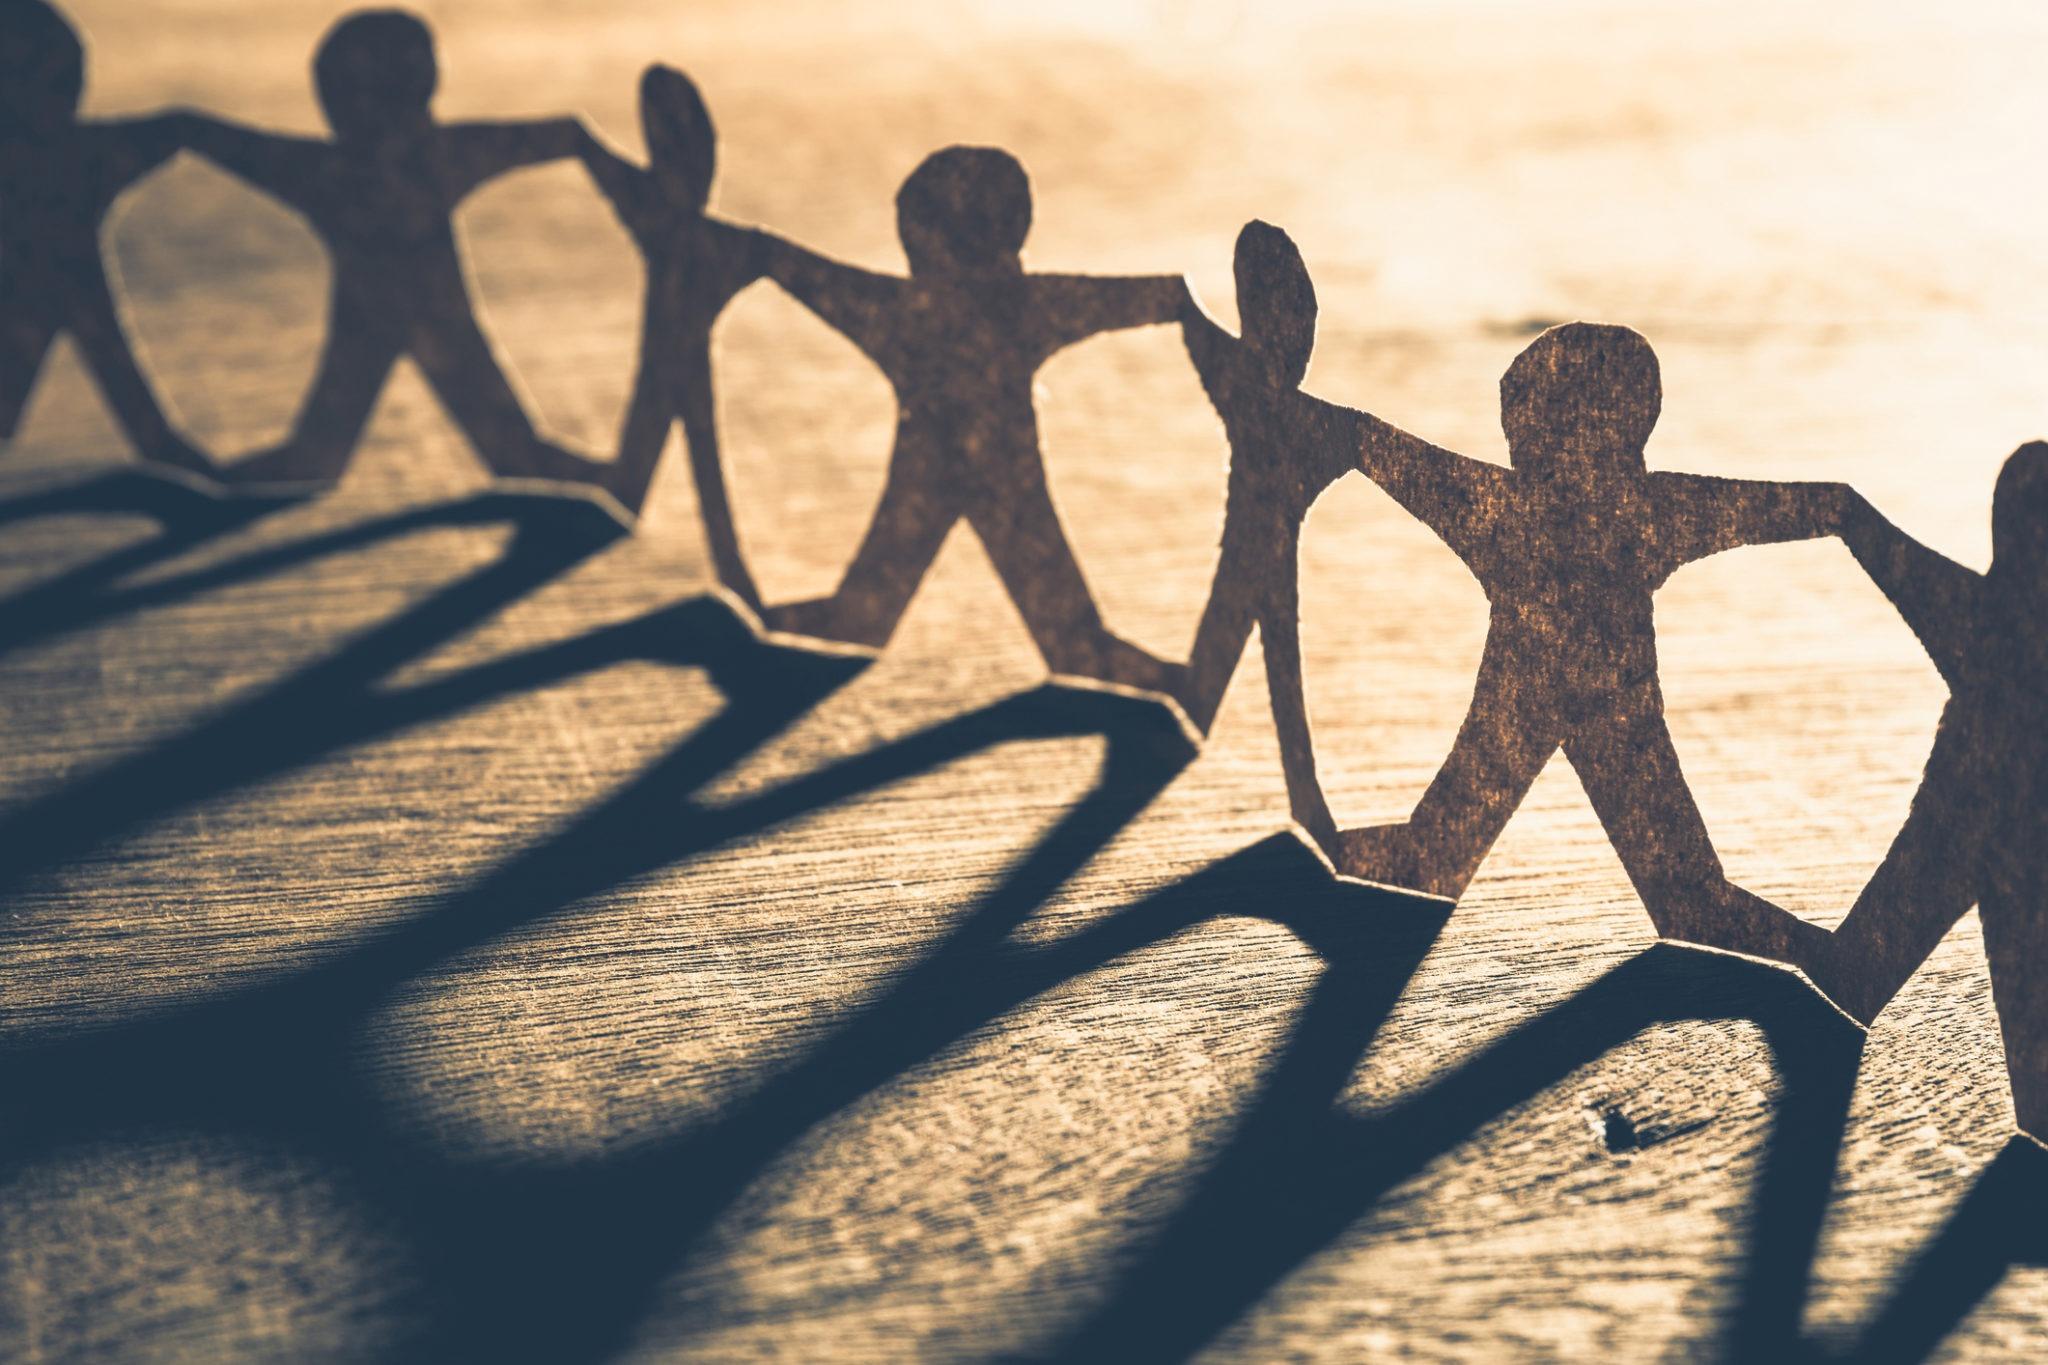 Epargne solidaire finansol assurance vie